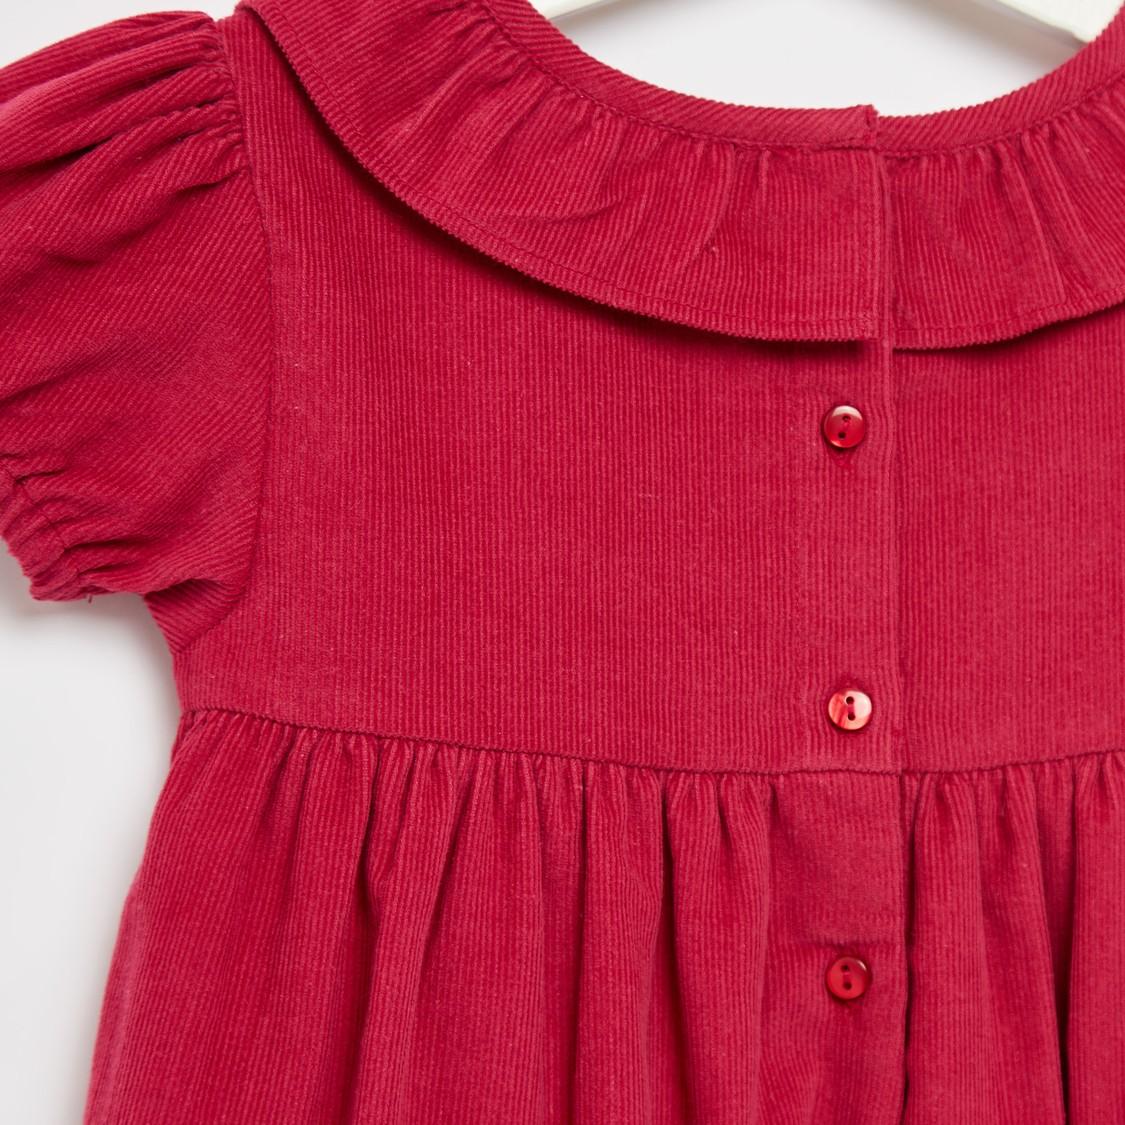 فستان بارز الملمس بطول الركبة مع أكمام قصيرة وتفاصيل كشكشة